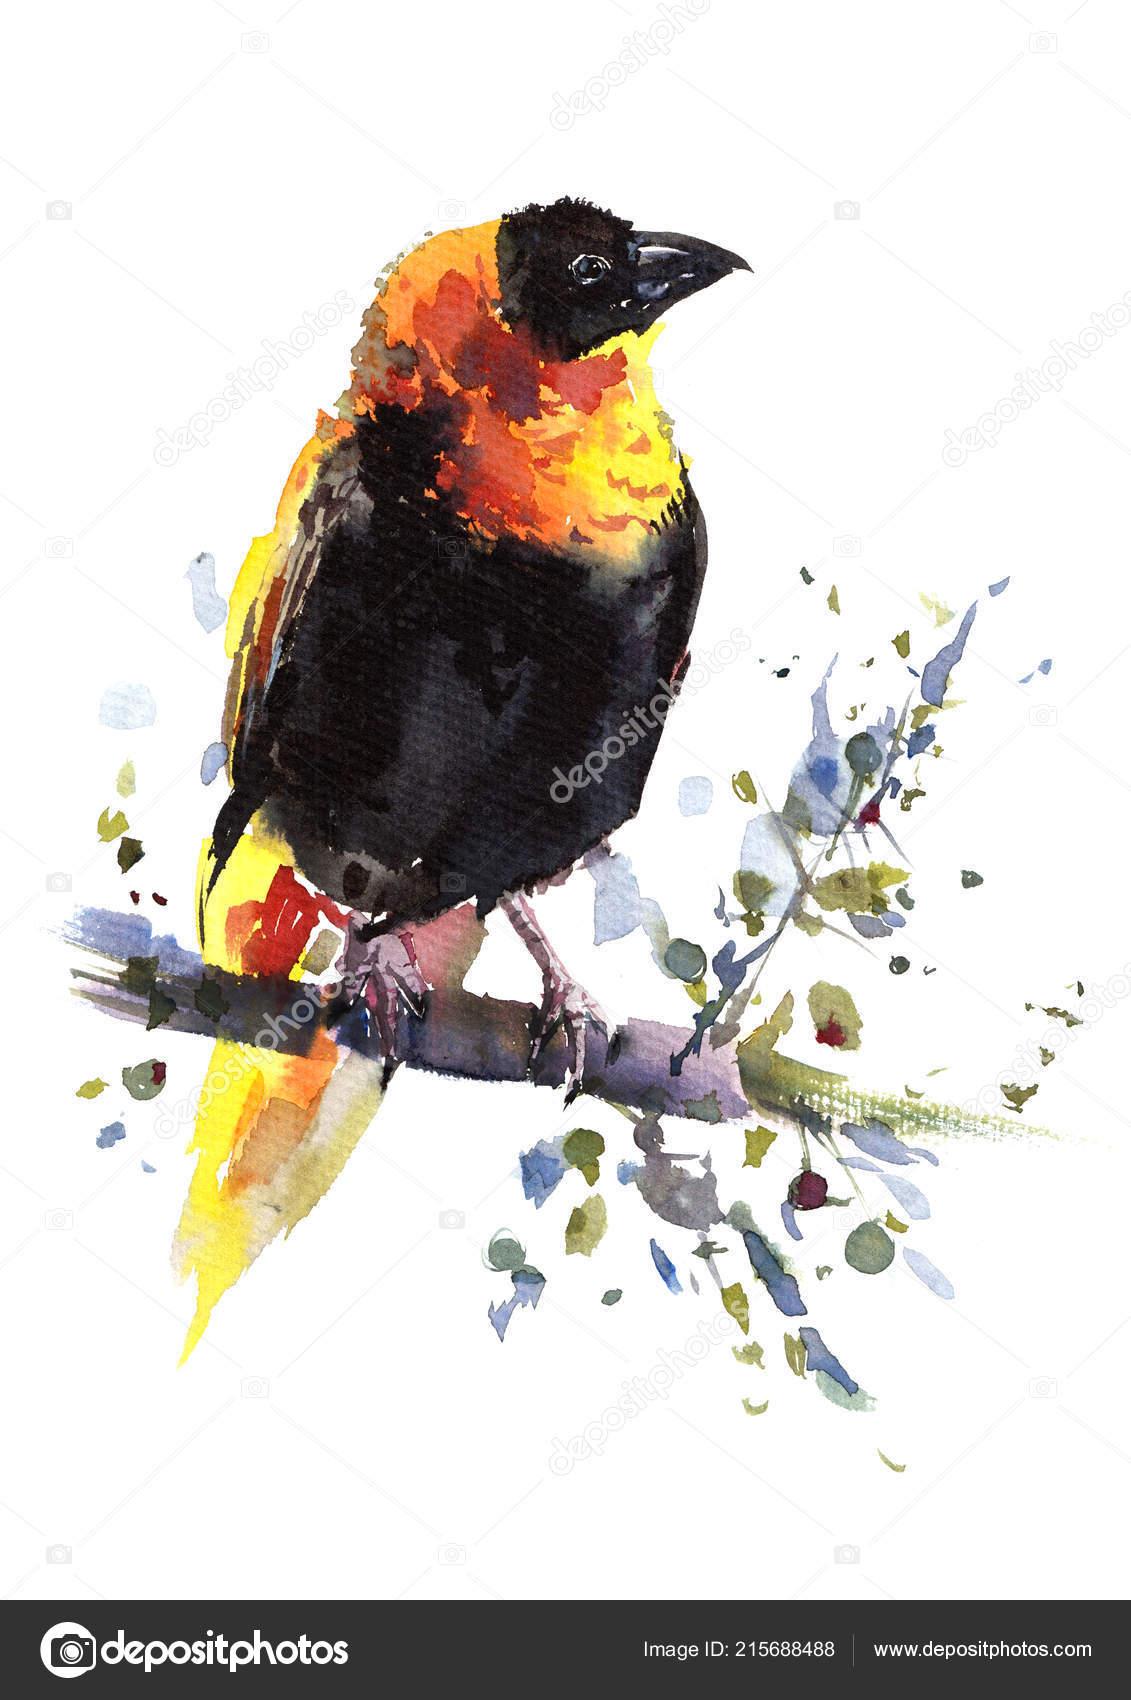 obrázek mého ptáka